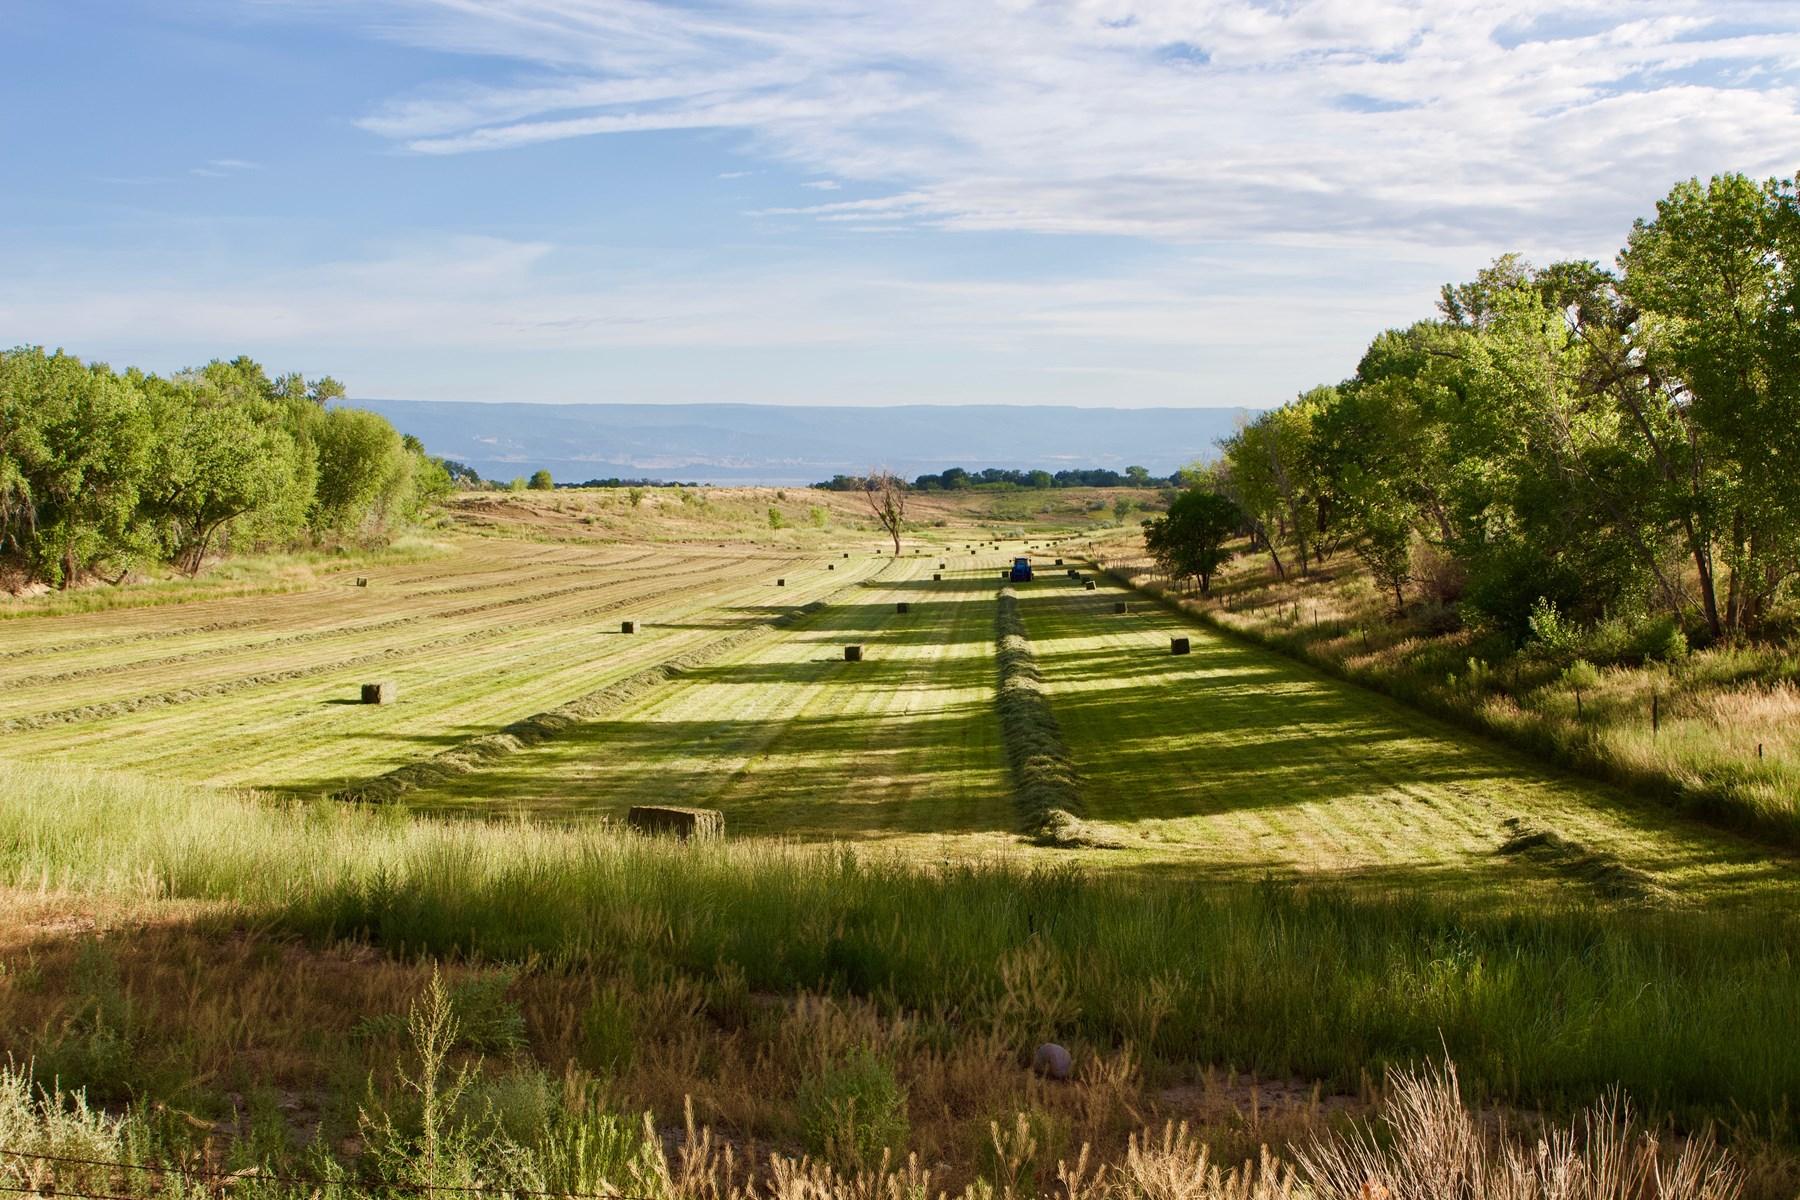 Olathe hay farm for sale